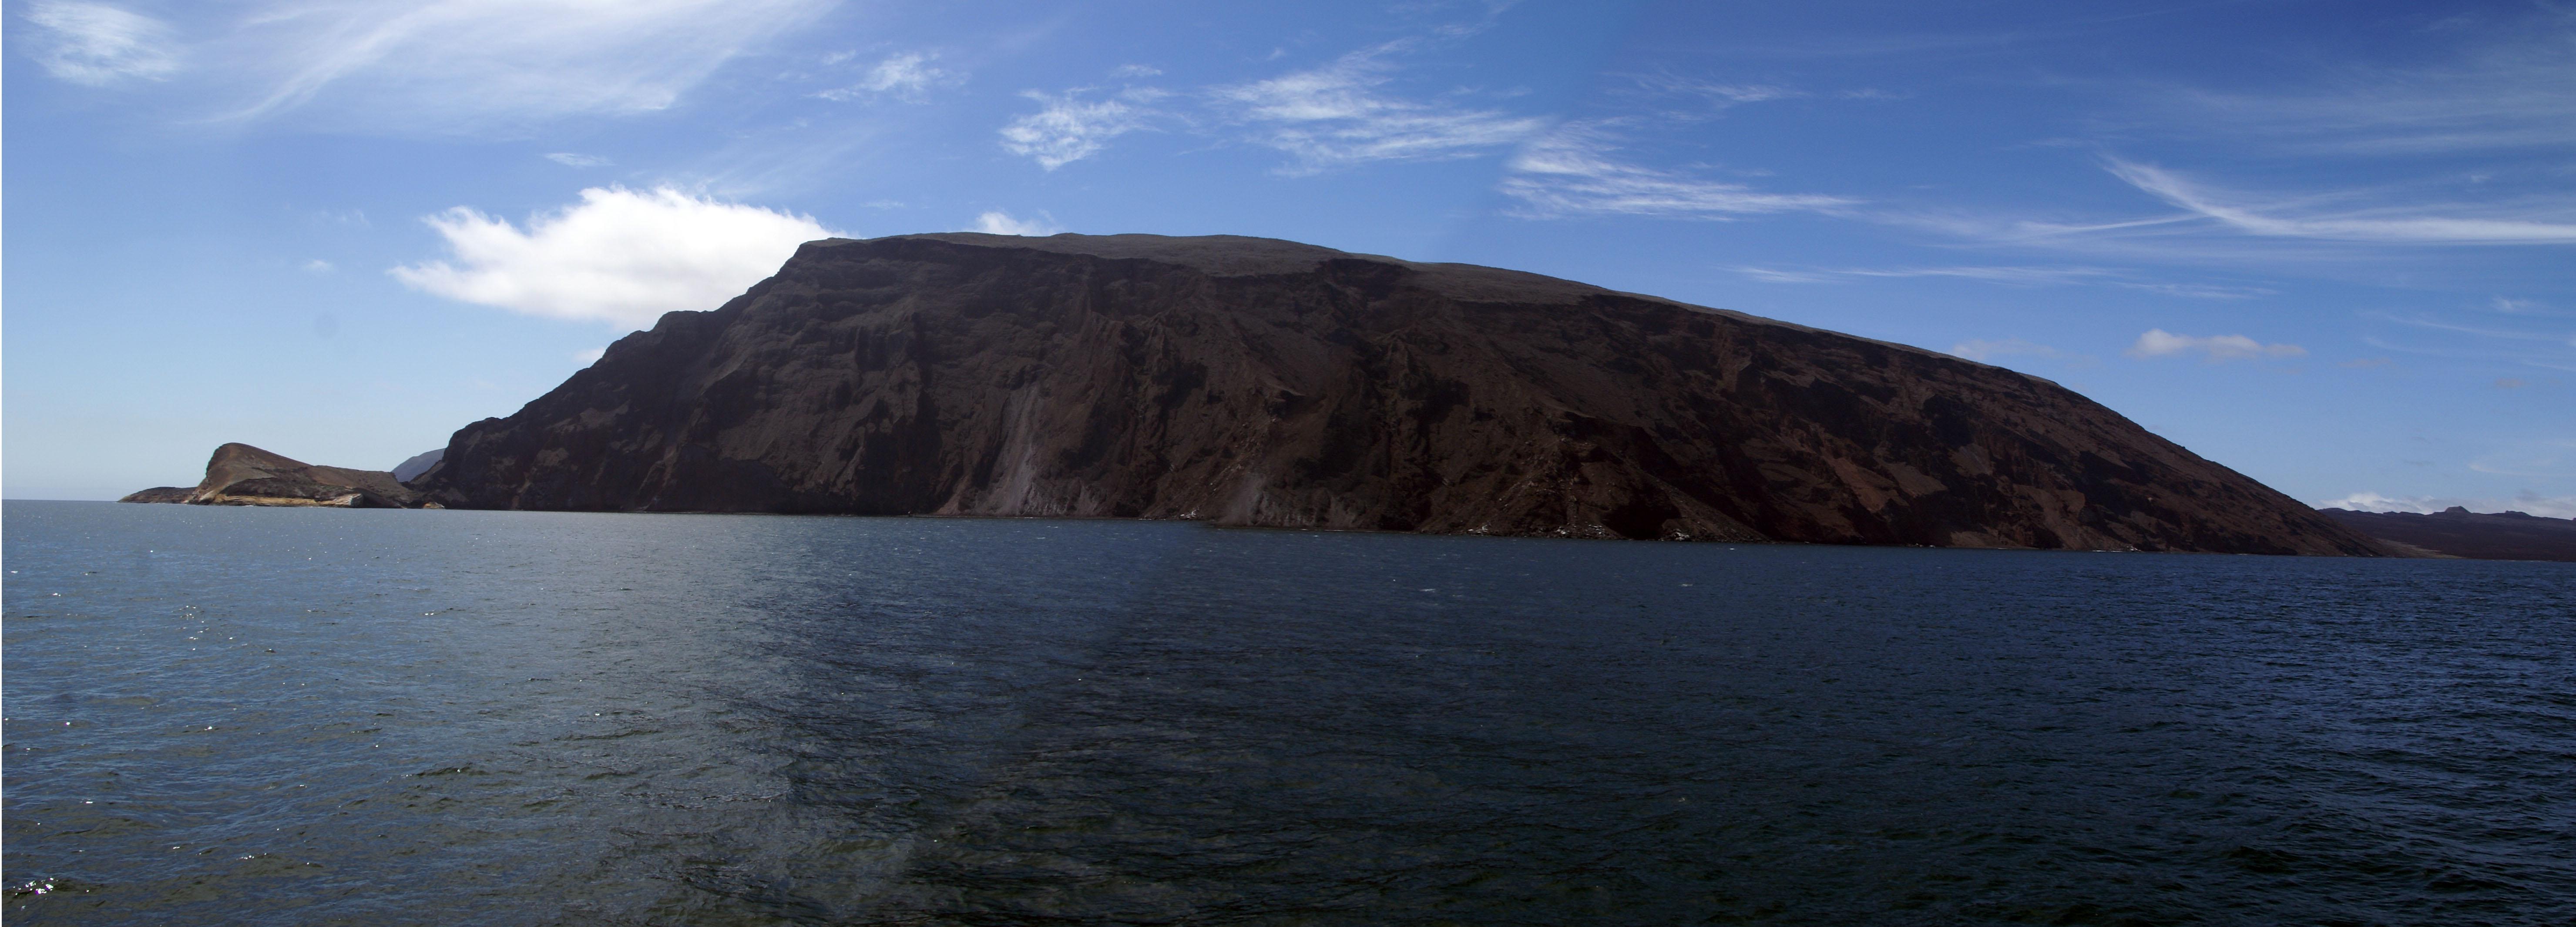 La Cumbre Vulkan auf dem Galapagos Archipel aktiv